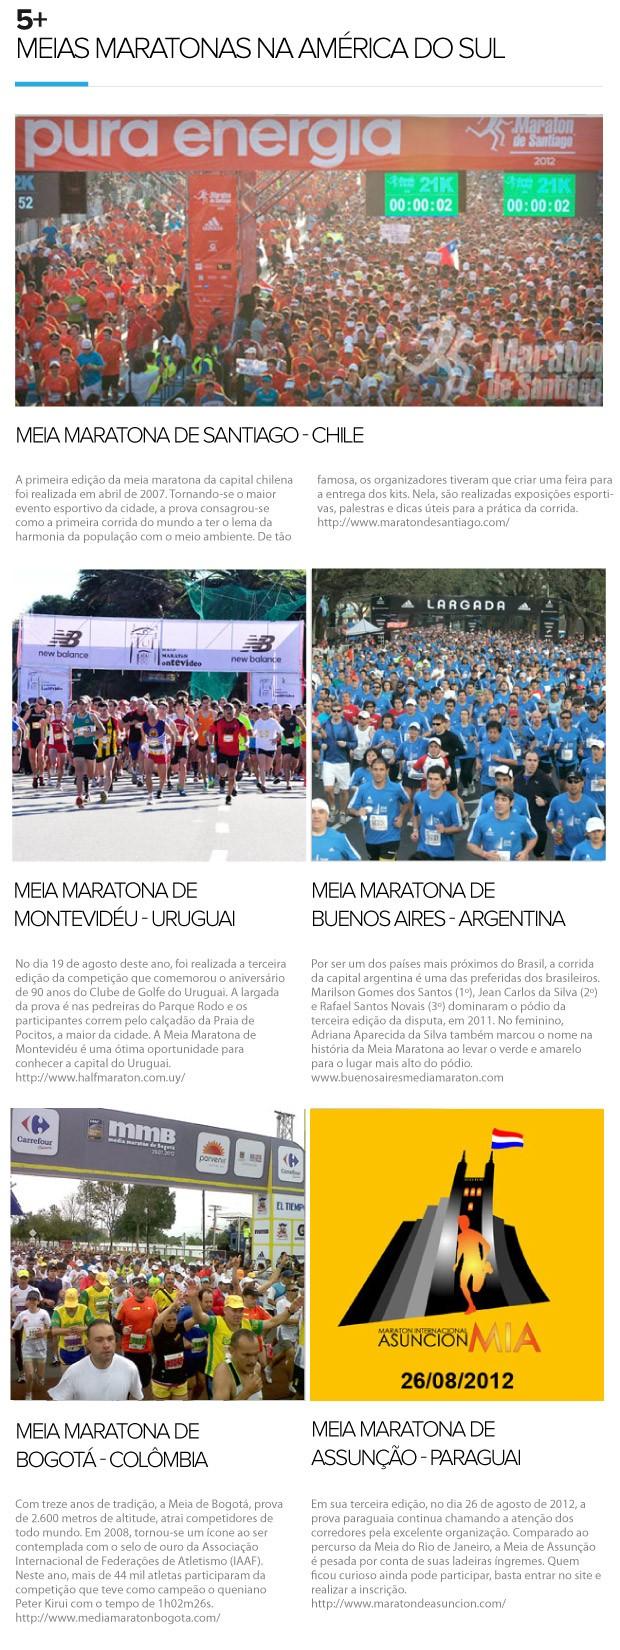 Eu Atleta, 5+ Meias Maratonas na América do Sul (Foto: Editoria de arte / Globoesporte.com)